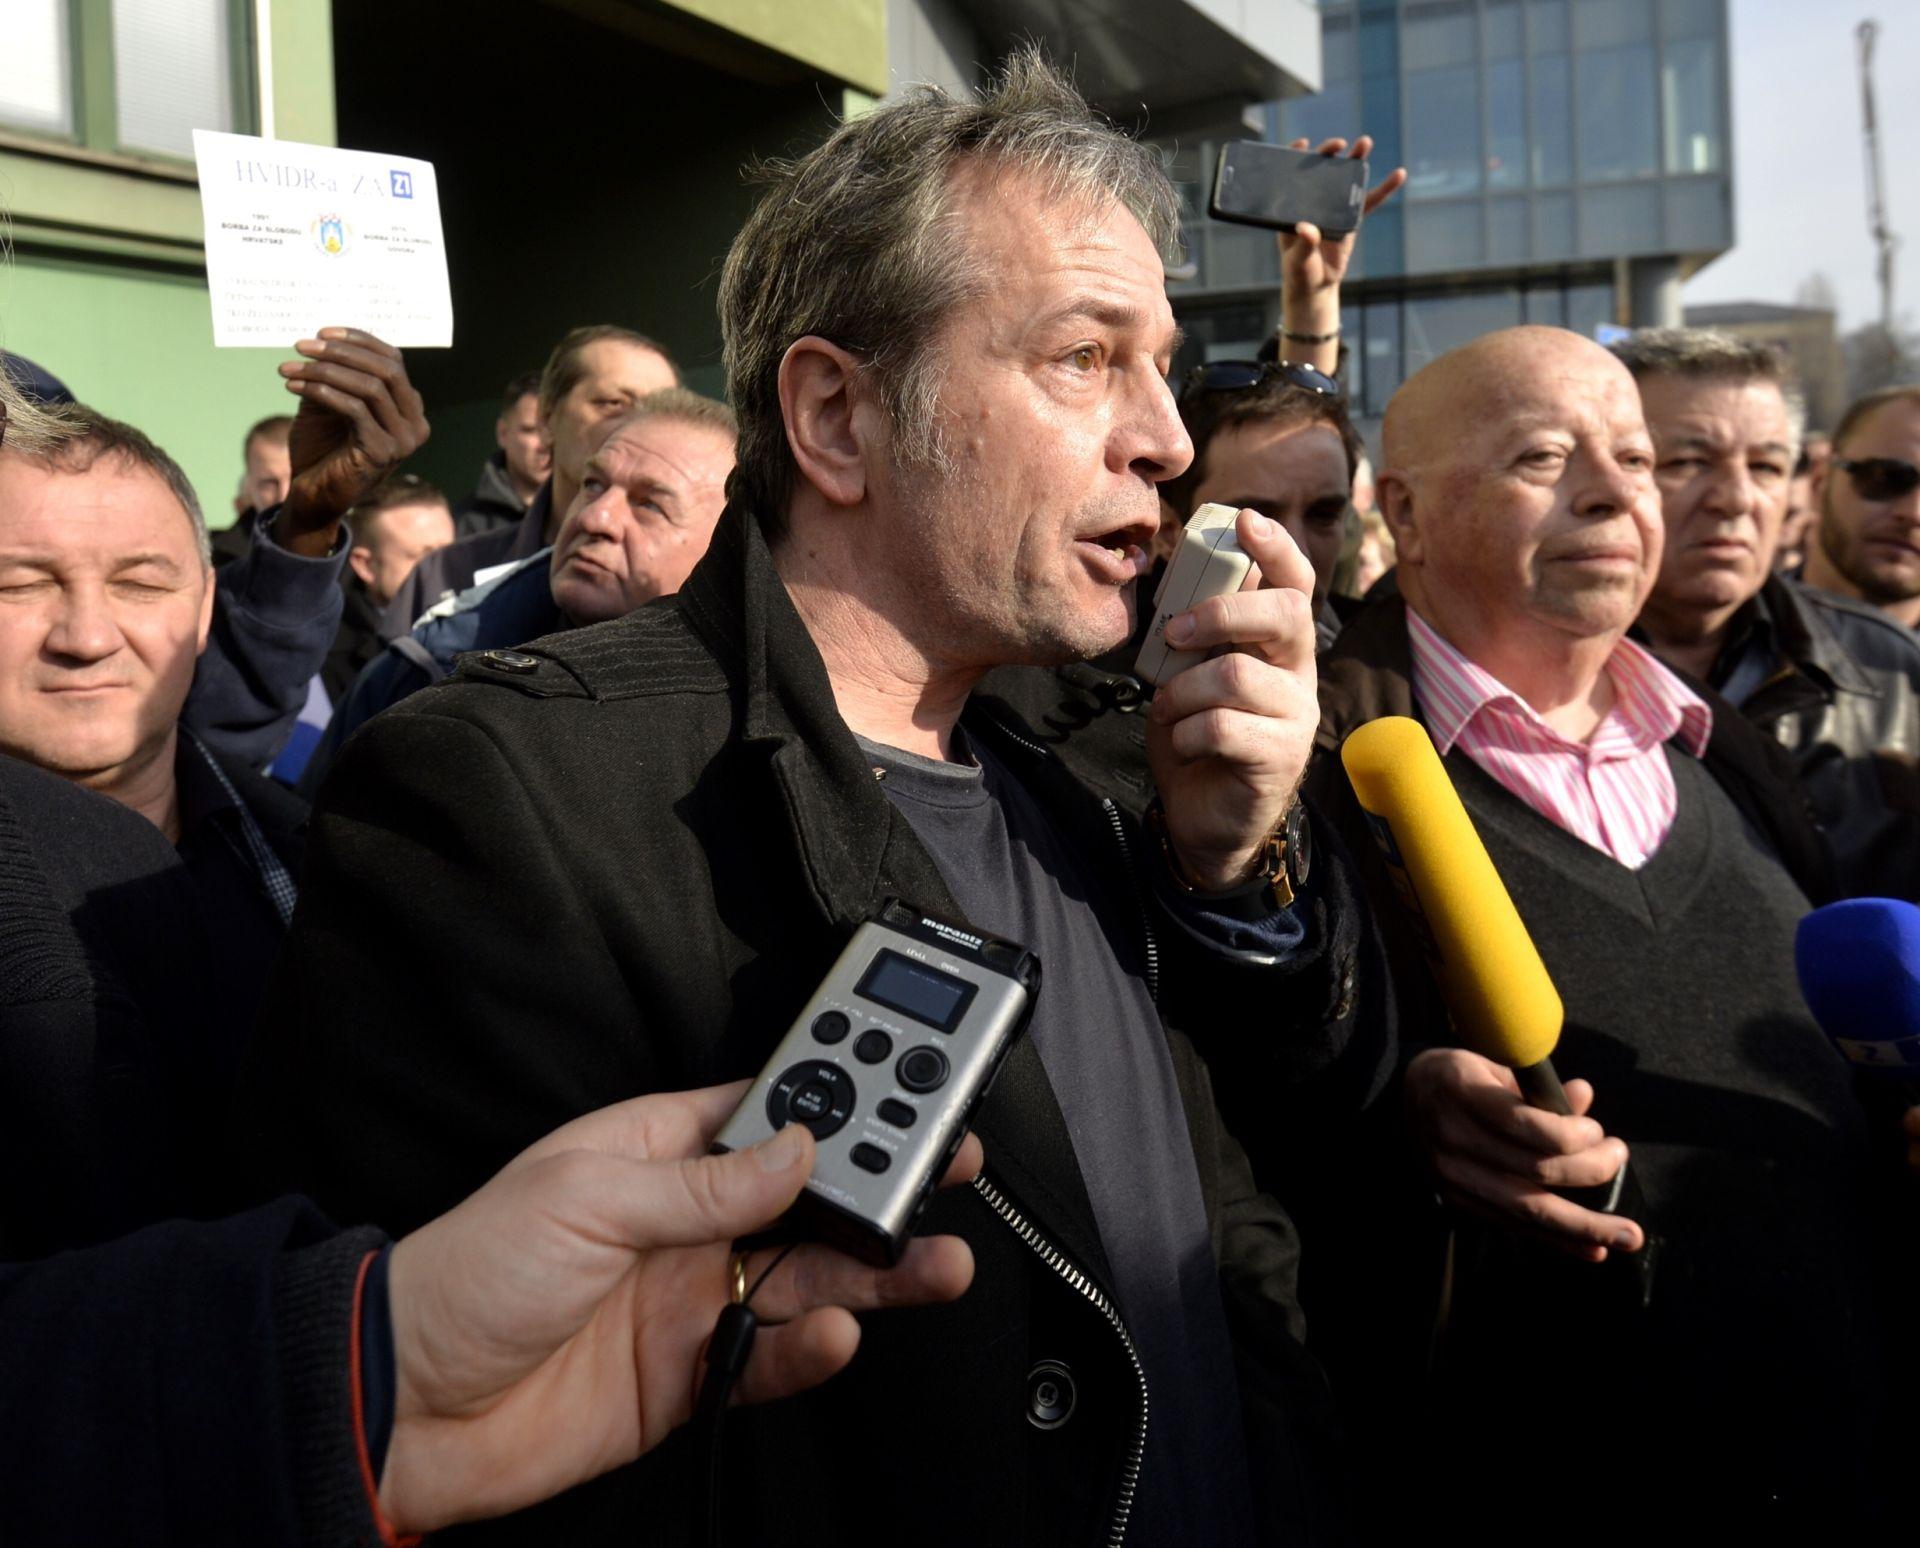 POZVAO GLEDATELJE NA 'ZA DOM SPREMNI': Iz Televizije Z1 se ogradili i Juriču otkazali suradnju